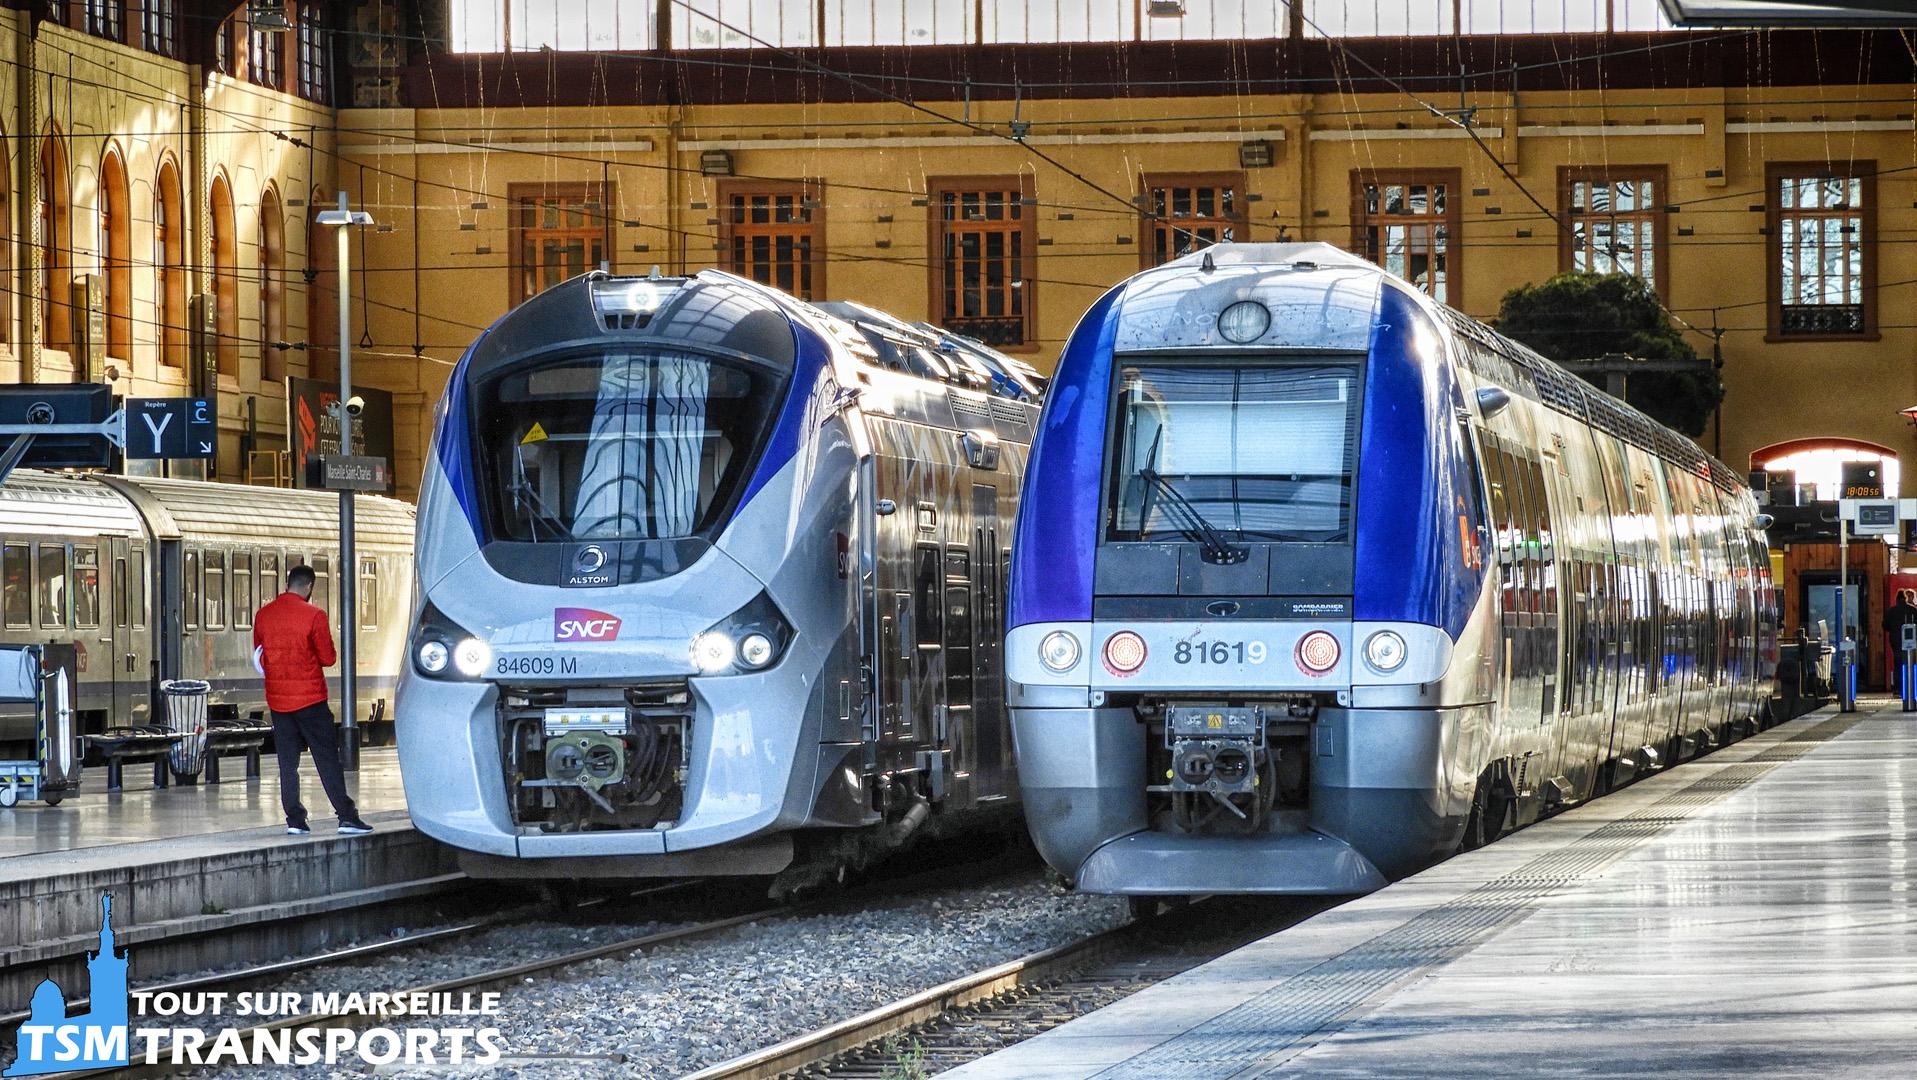 Alstom Régiolis B84609M et Bombardier AGC Bimode B81619 en gare de Marseille Saint Charles